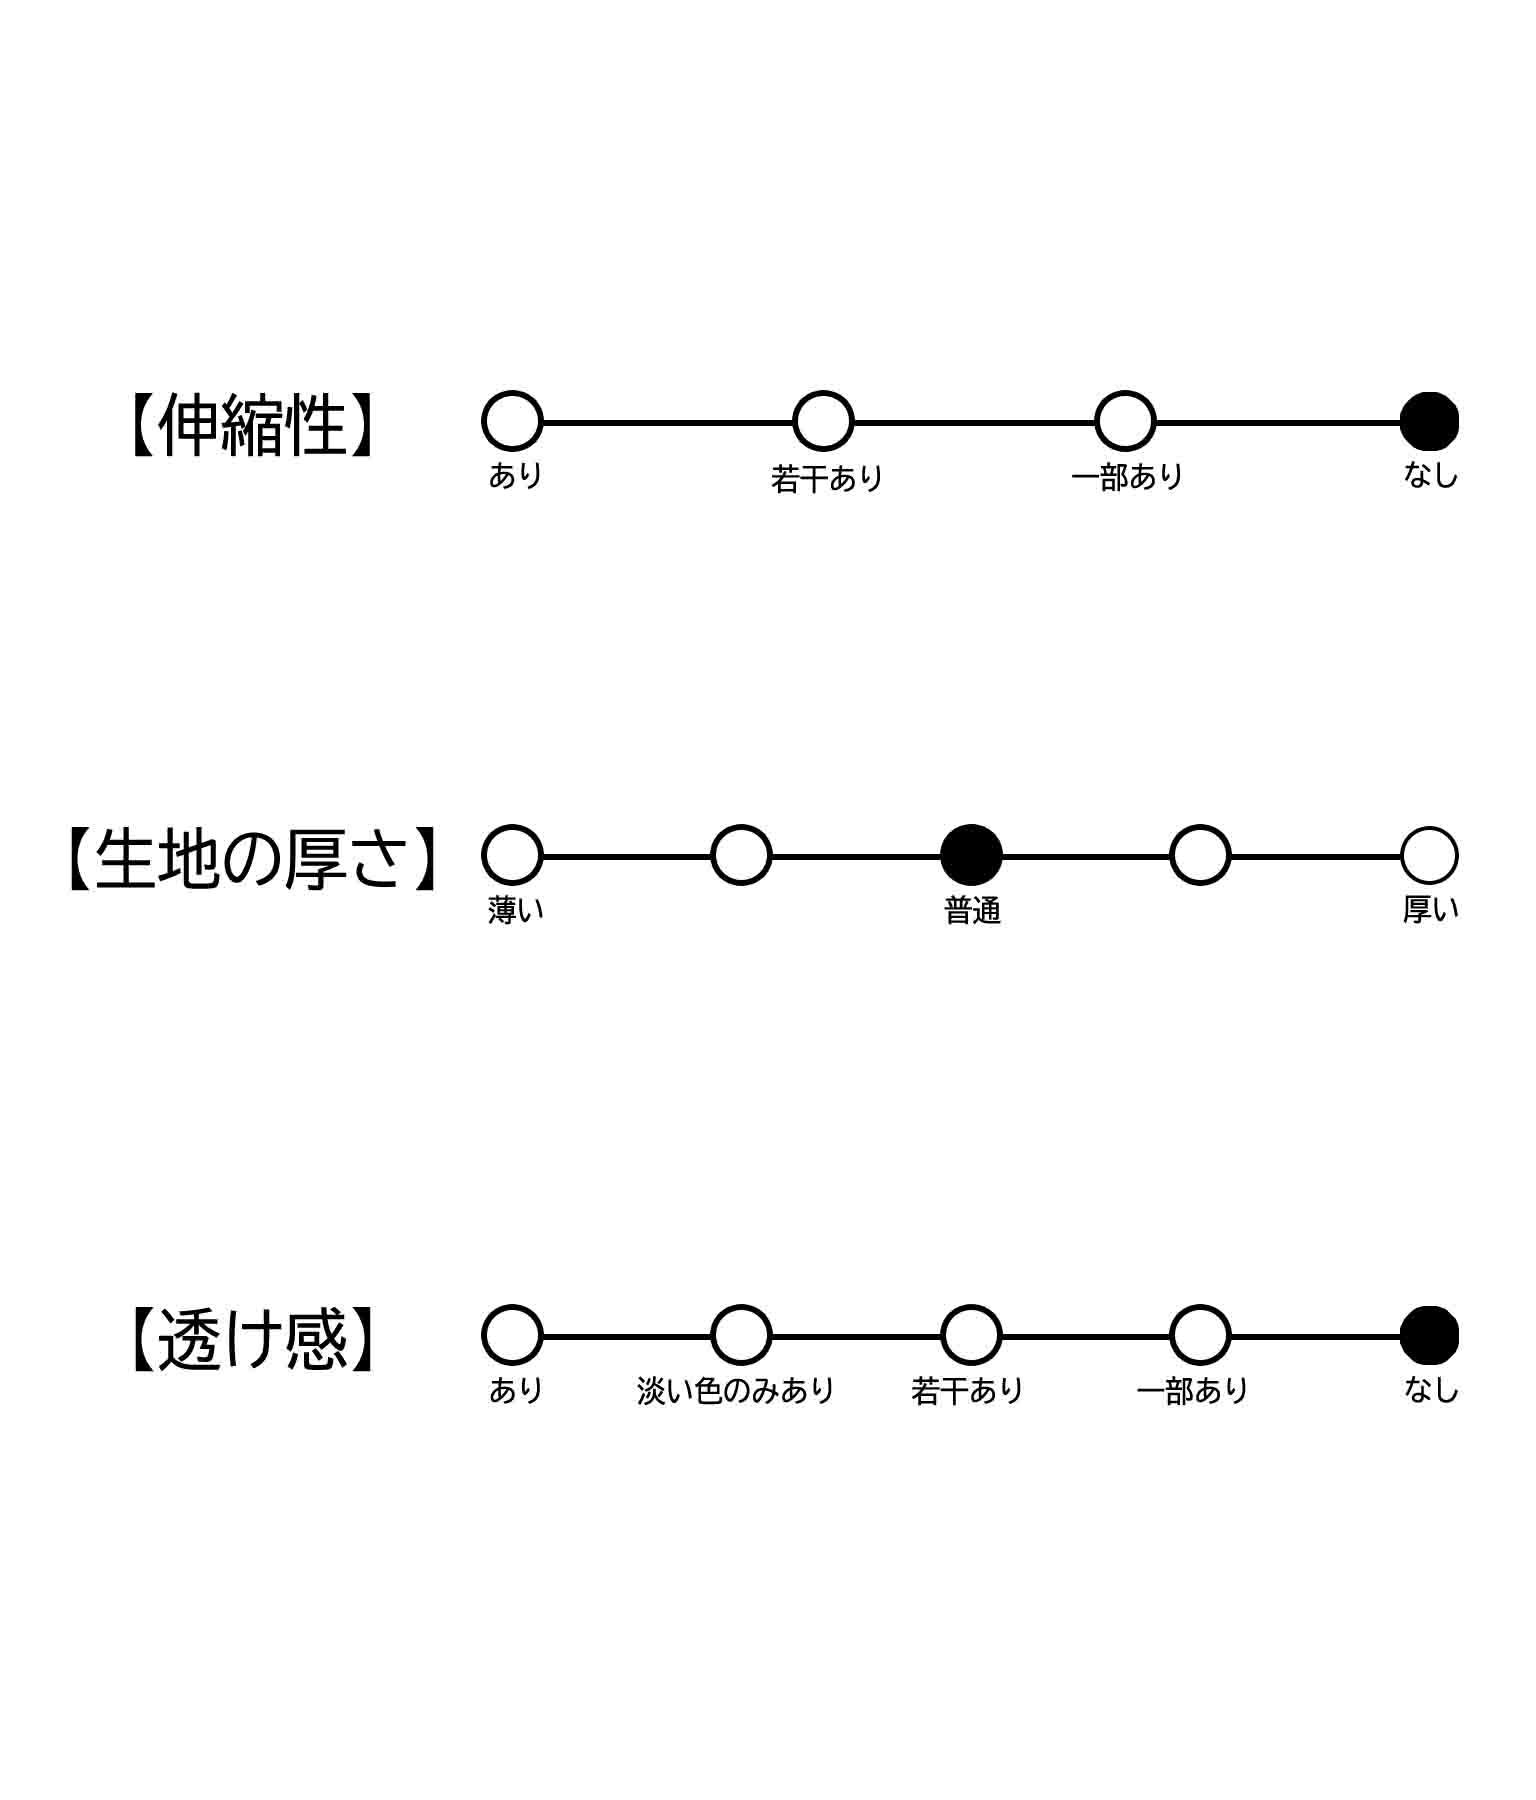 ギャザー切替オフショルダーワンピース(ワンピース・ドレス/ミディアムワンピ) | anap mimpi